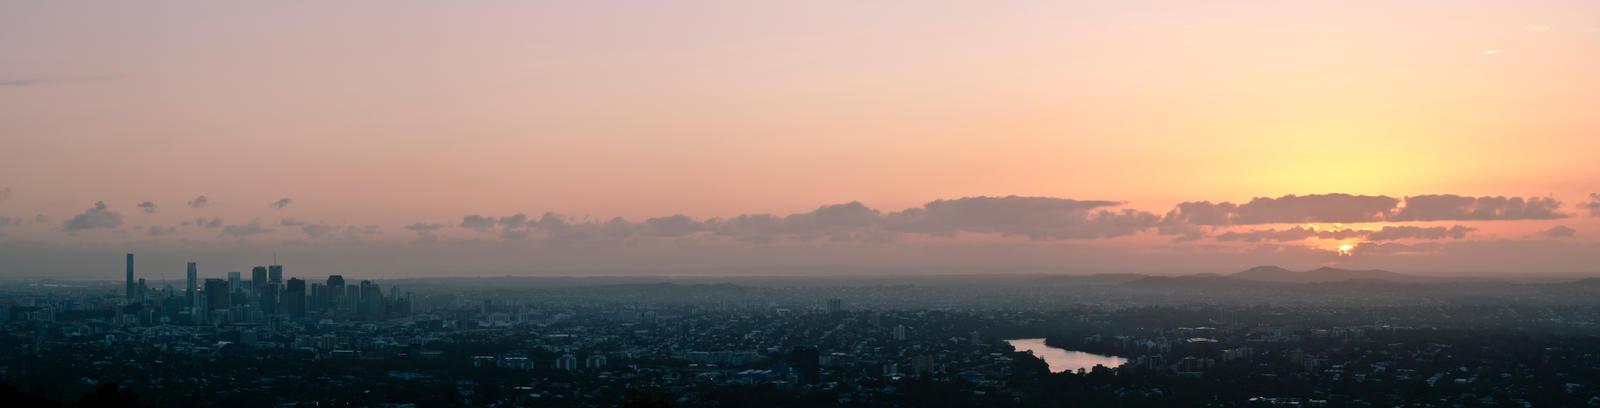 A Metropolis Awakens by donnymurph